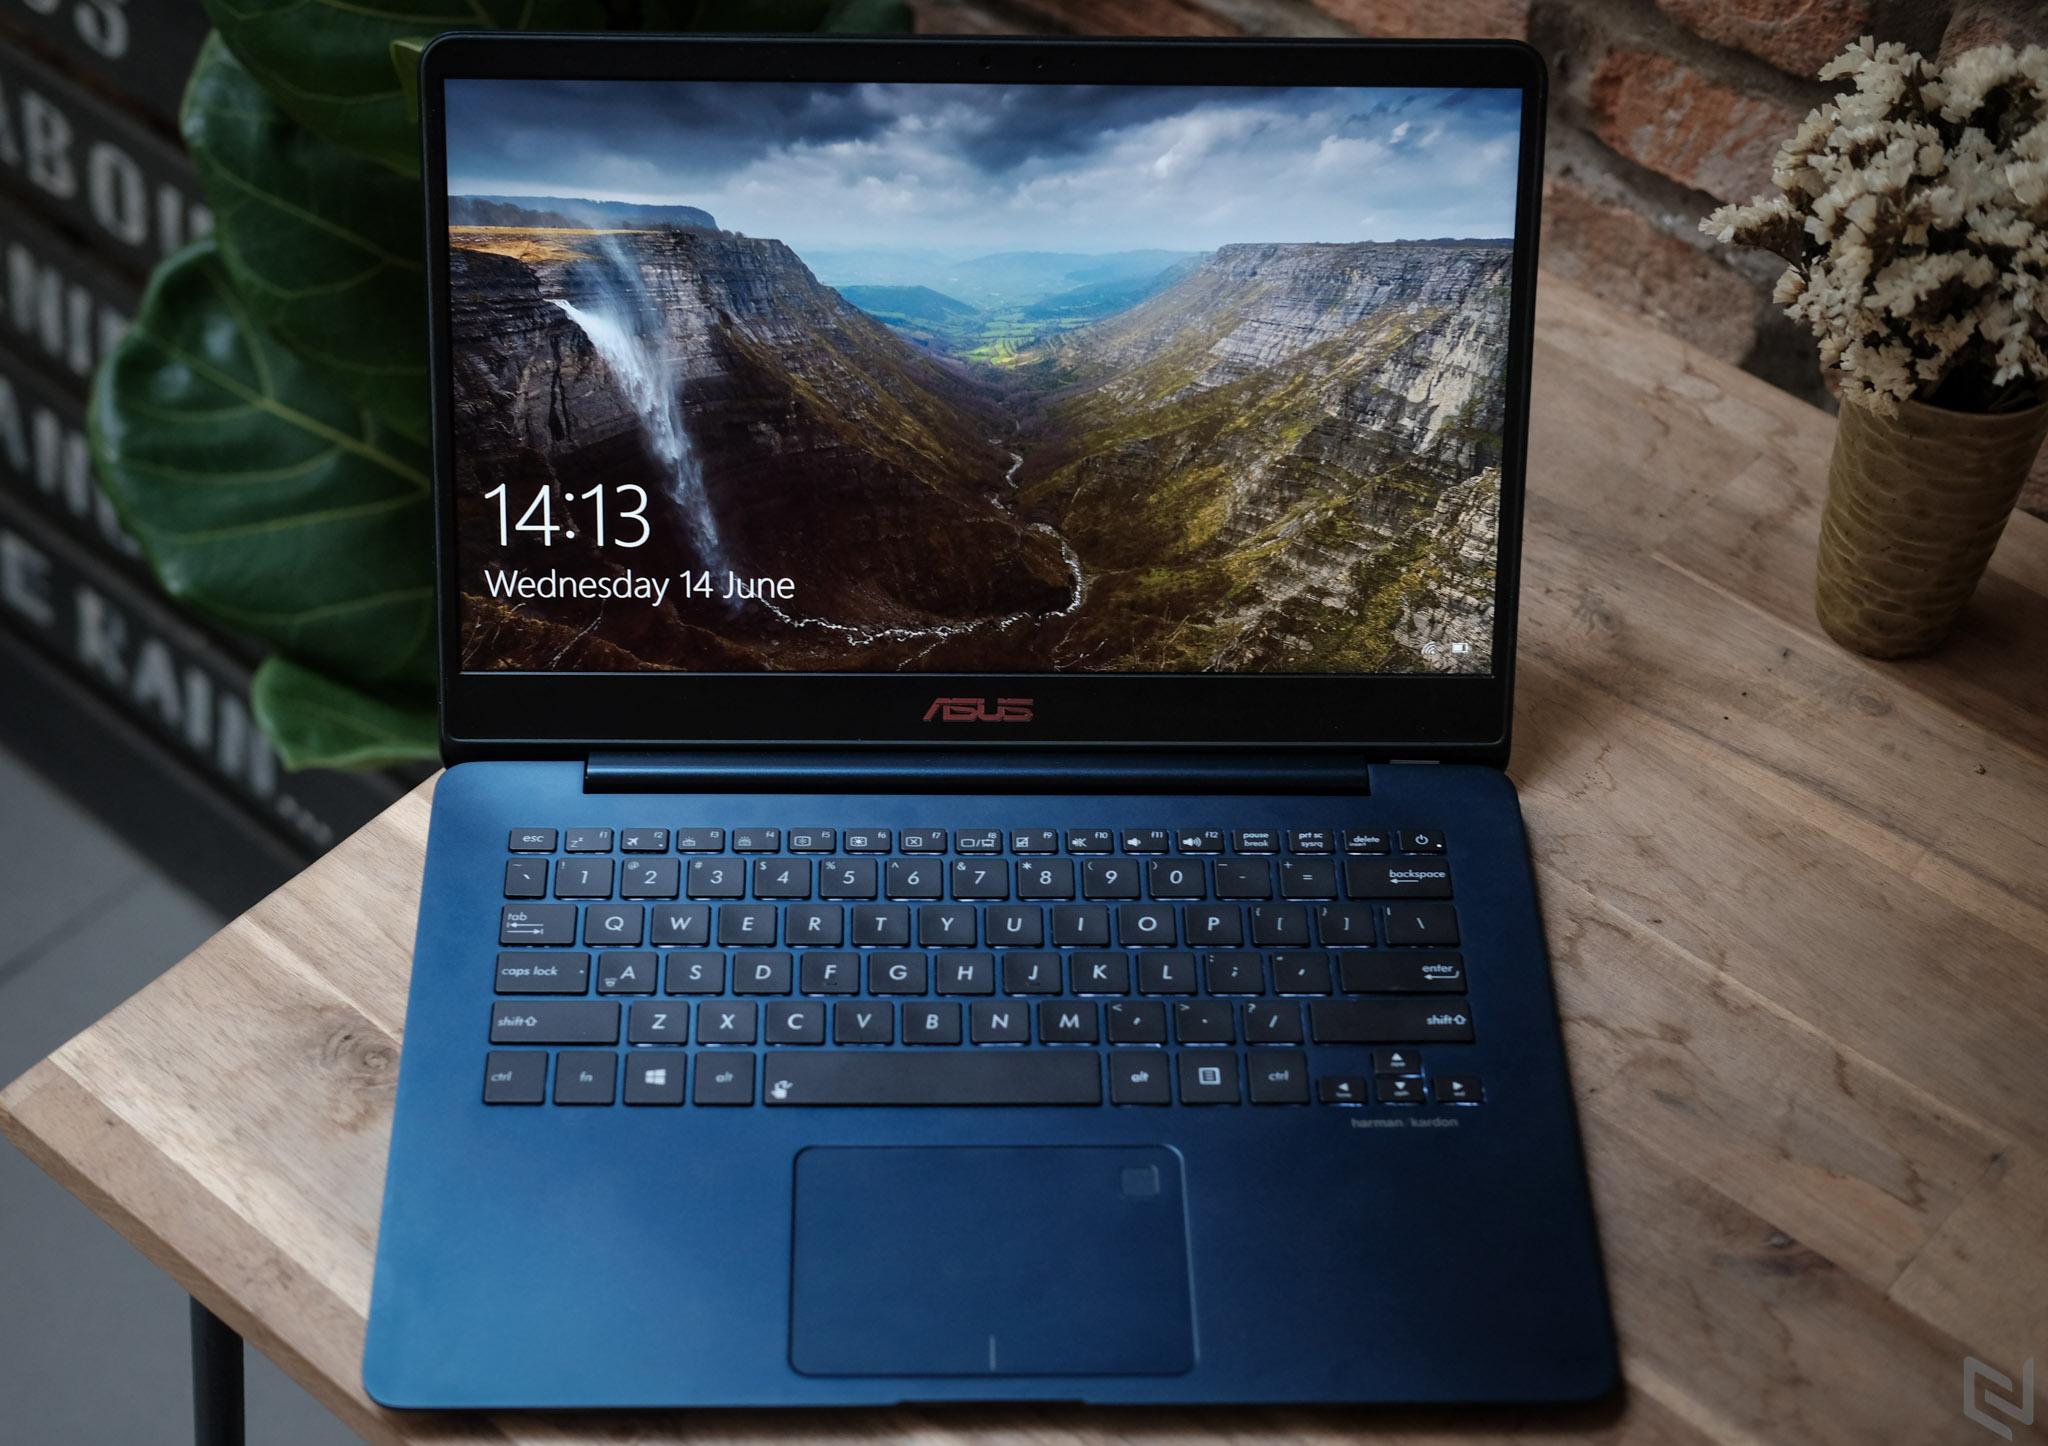 Đánh giá Asus Zenbook UX430: Khi văn phòng cũng cần đến hiệu năng